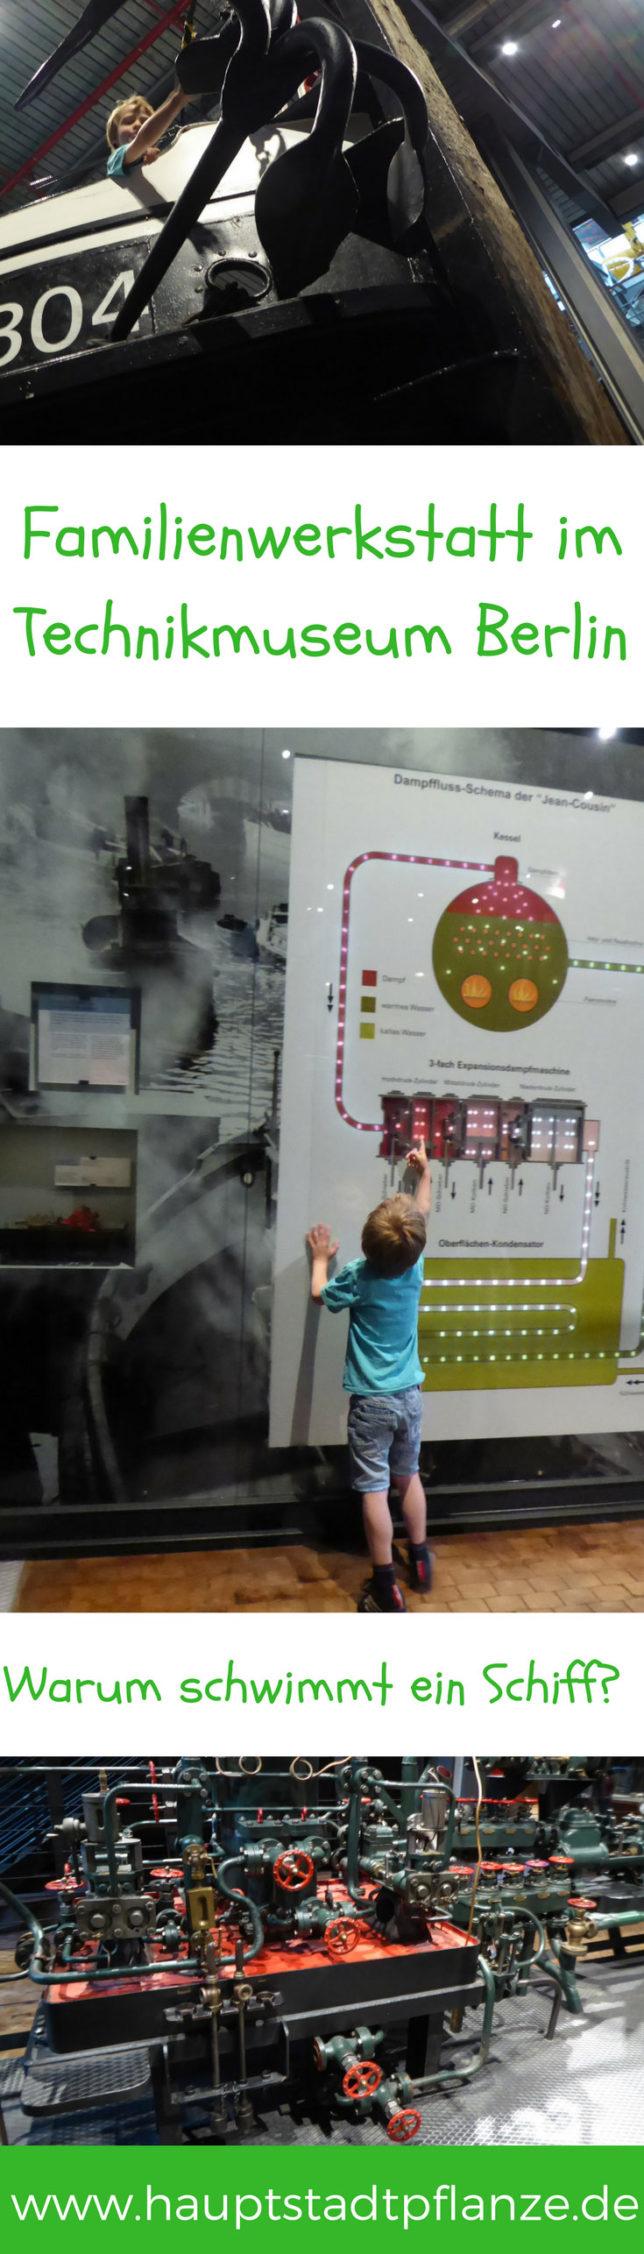 Technikmuseum Berlin - Experimente für Kinder in der Familienwerkstatt. Ausflugstipp!